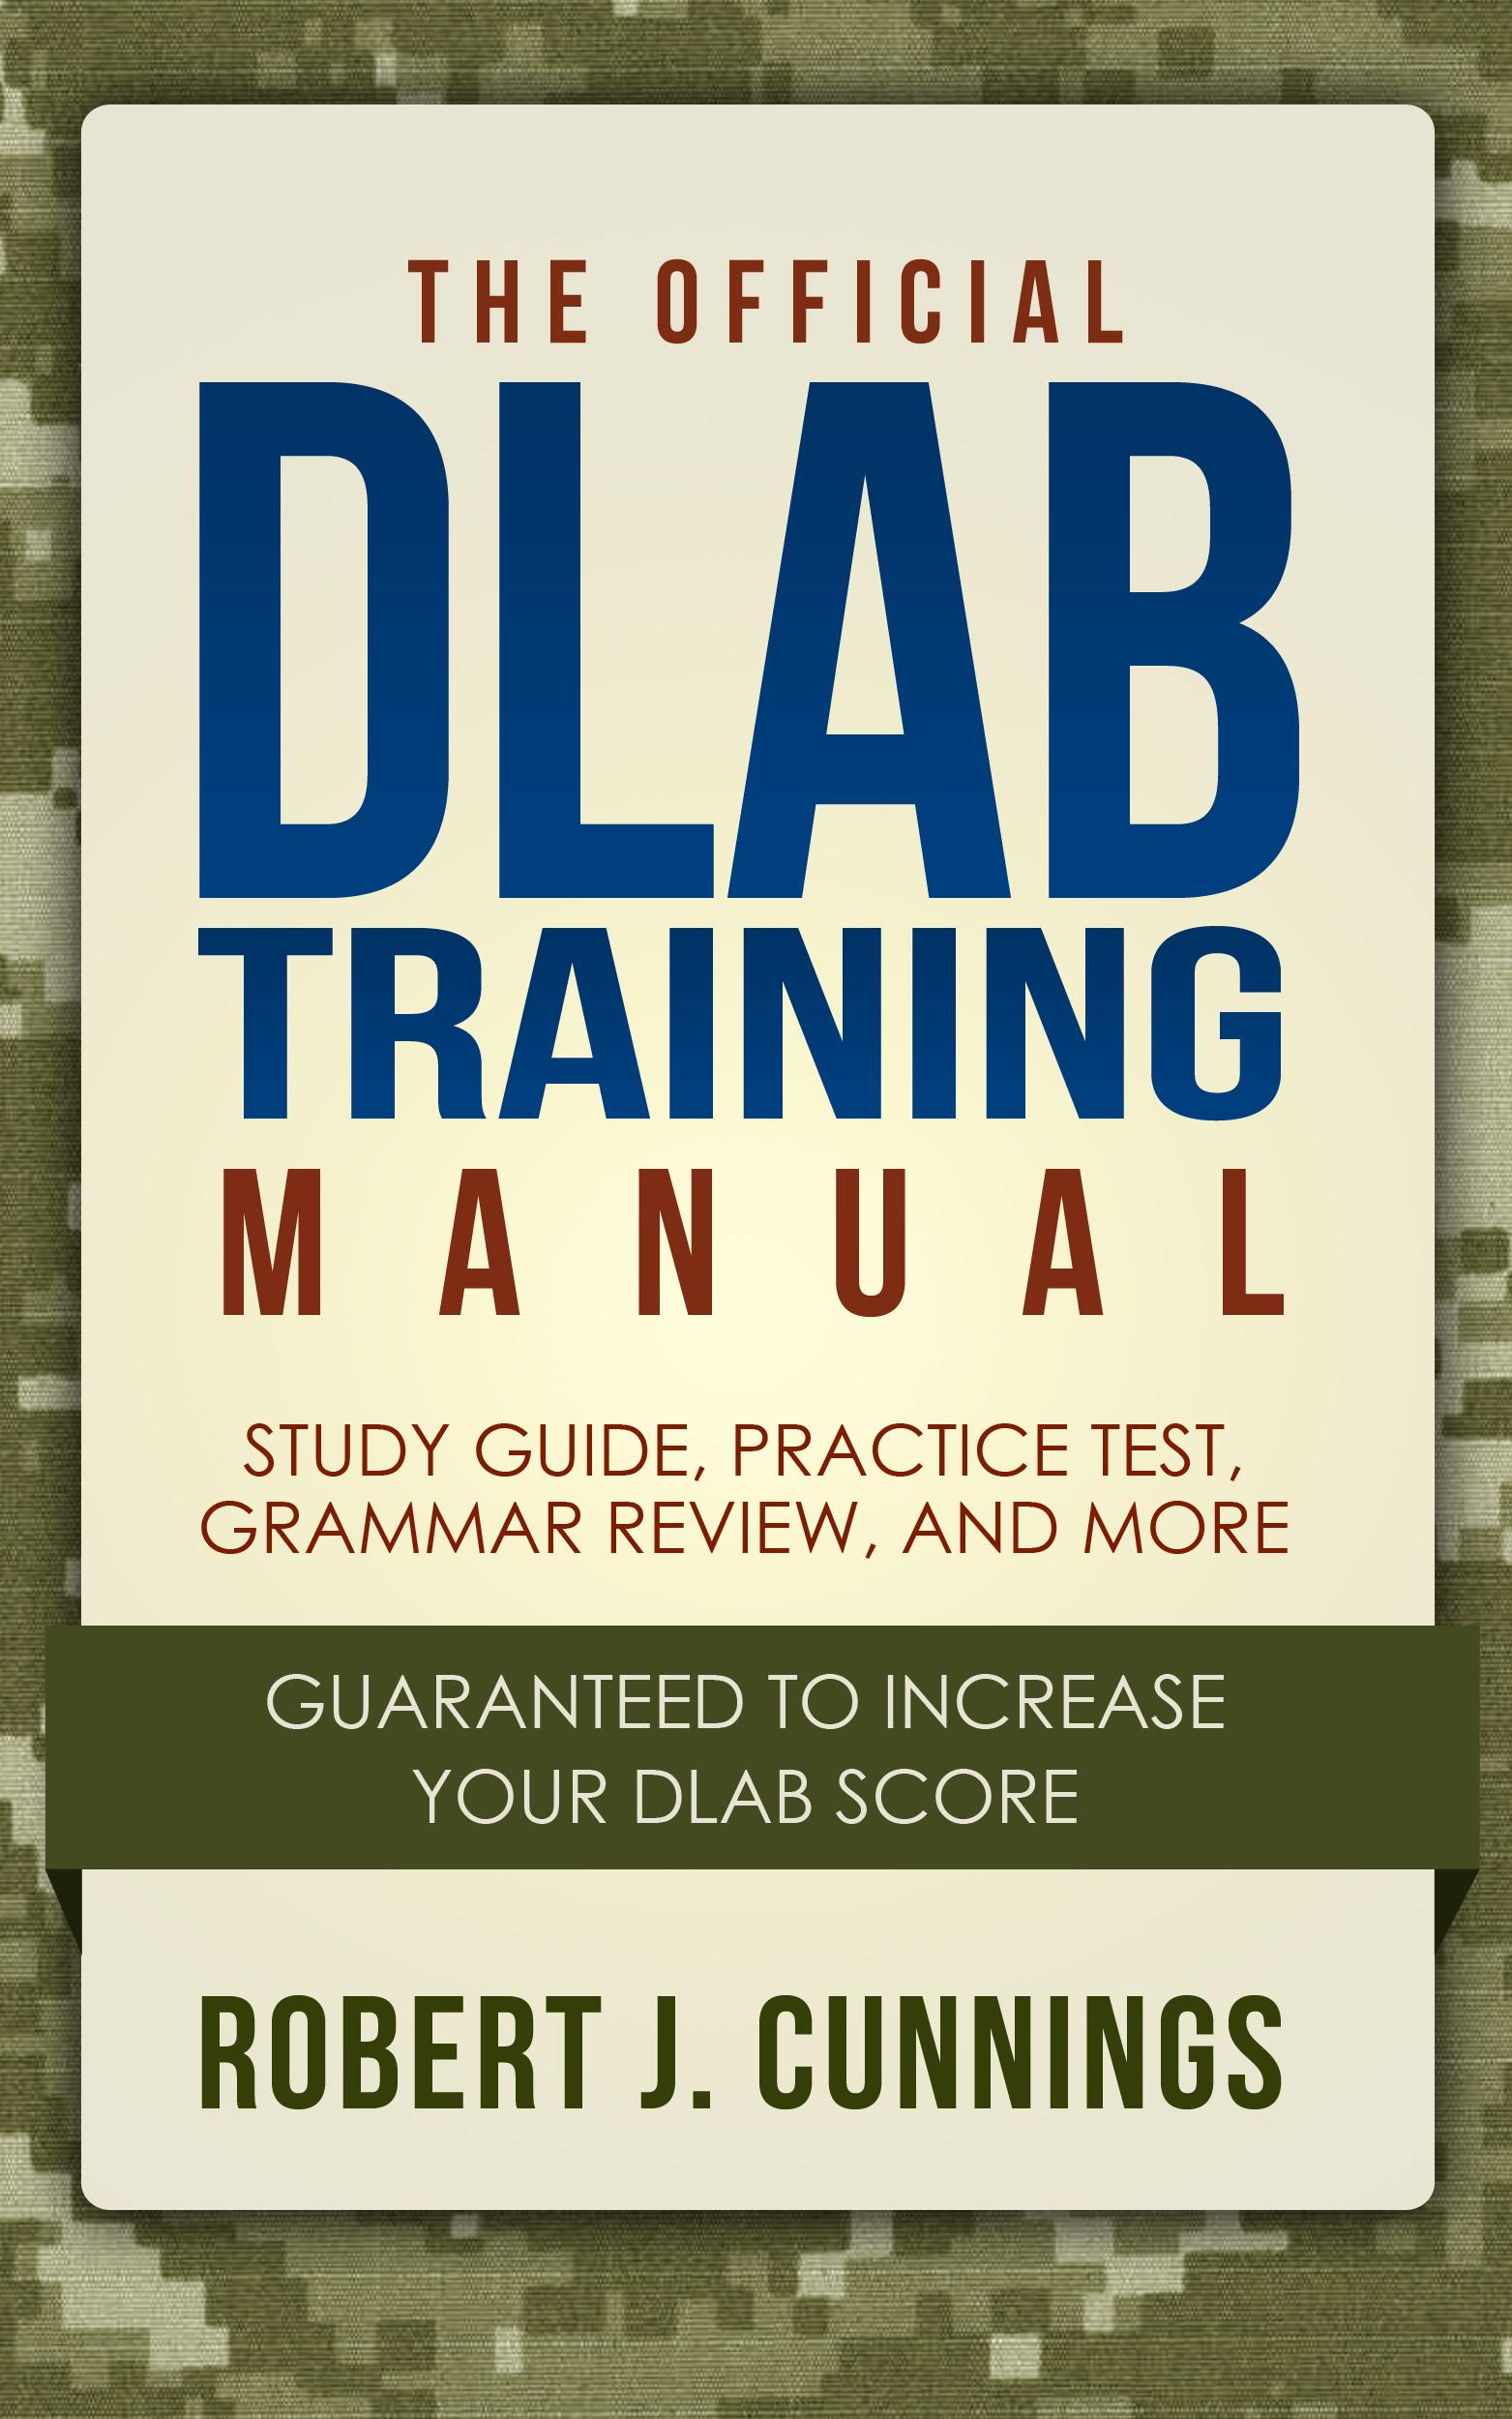 Orgo Basics Practice Quiz Manual Guide